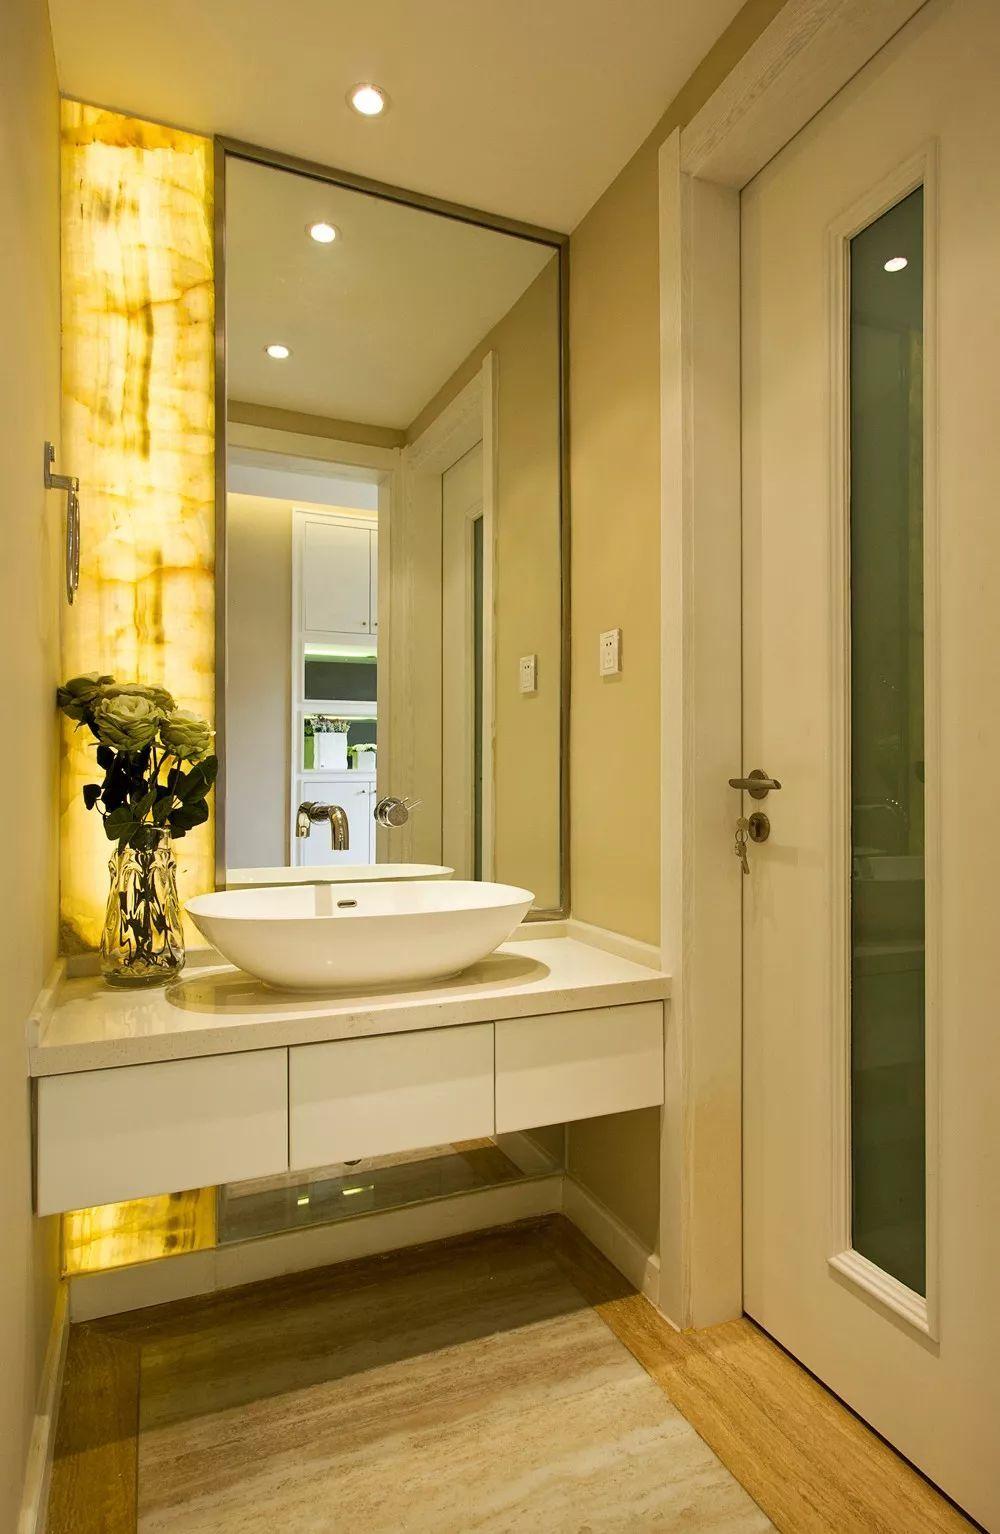 厕所 家居 起居室 设计 卫生间 卫生间装修 装修 1000_1534 竖版 竖屏